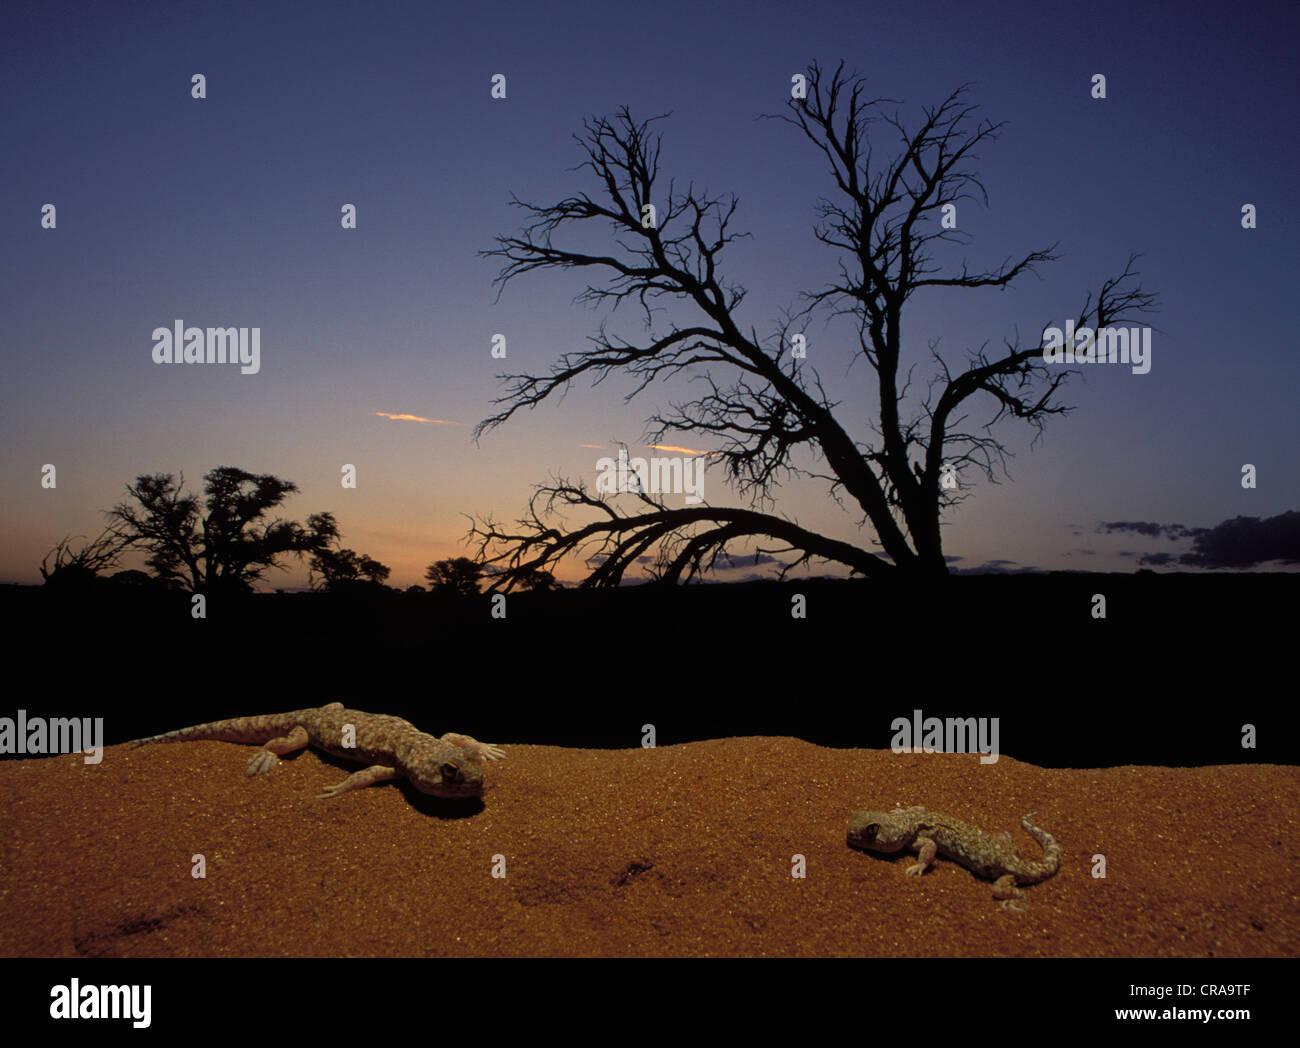 Barking Geckos (Ptenopus garrulus), emerge from burrow at sunset, Kgalagadi Transfrontier Park, Kalahari, South - Stock Image